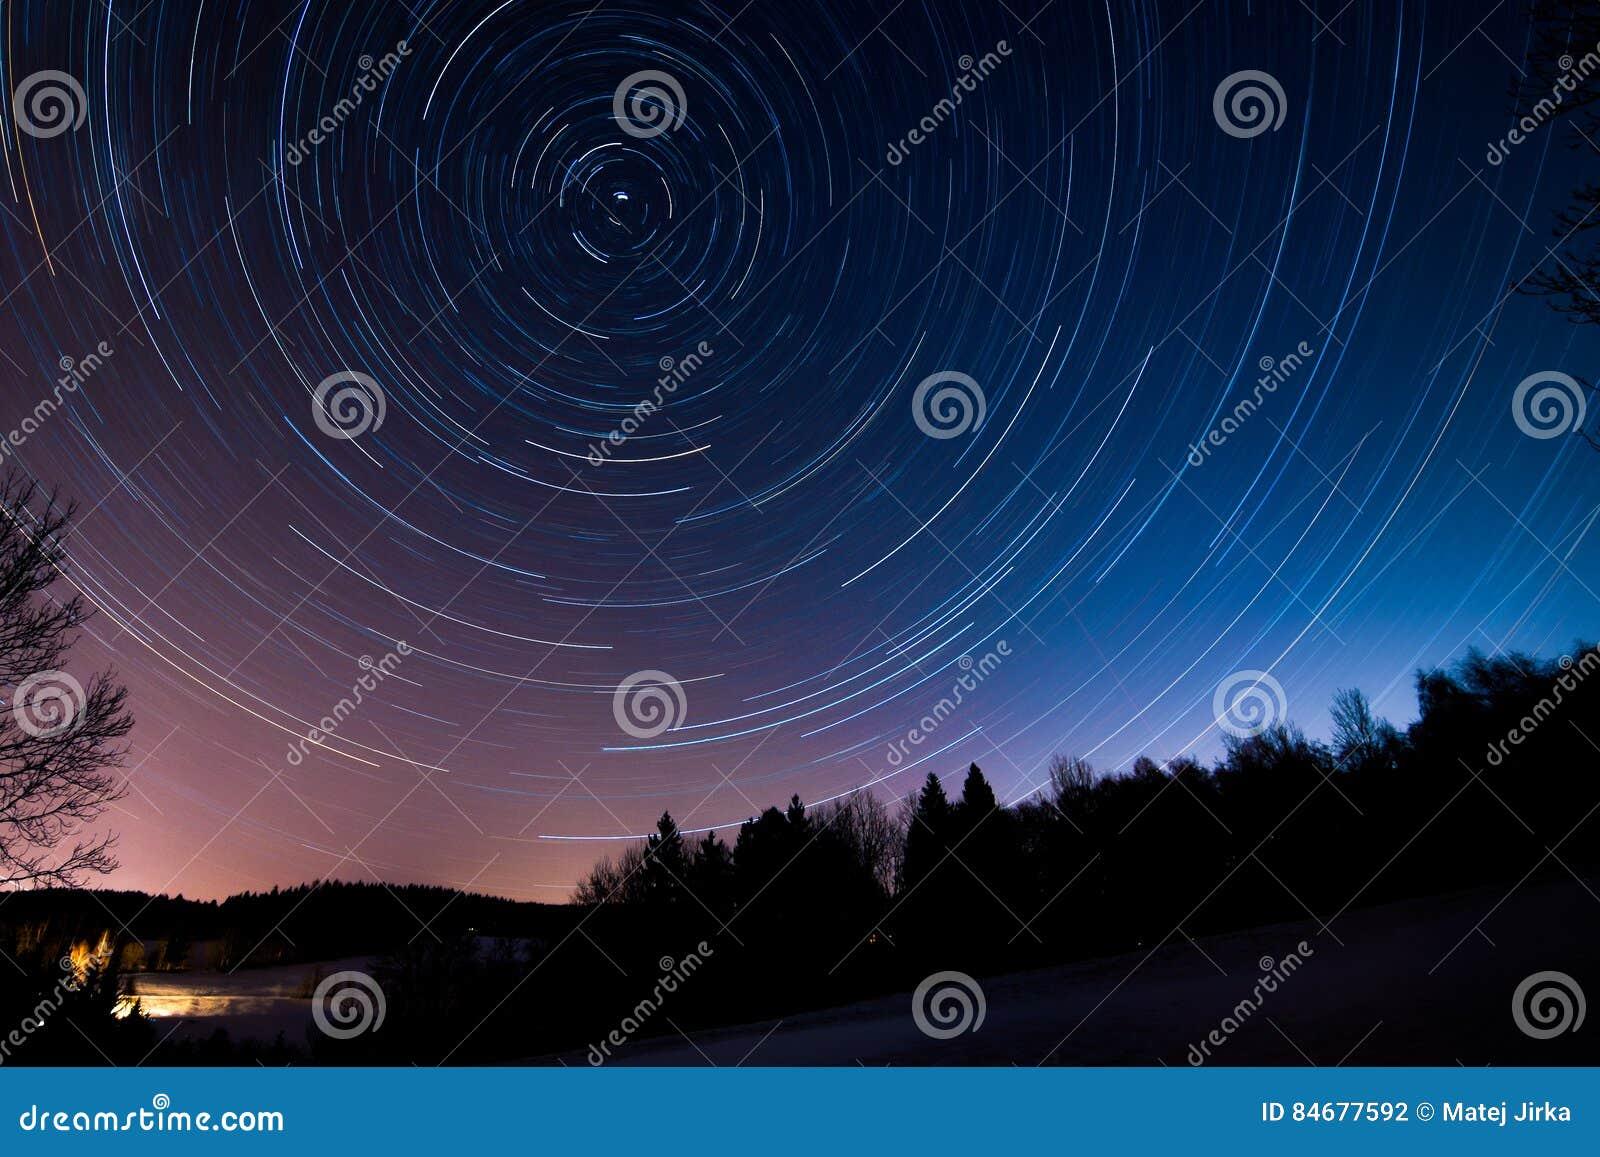 Kamera spowodować globu przepływu narażenia rotacji jest gwiazda długo ciągnie